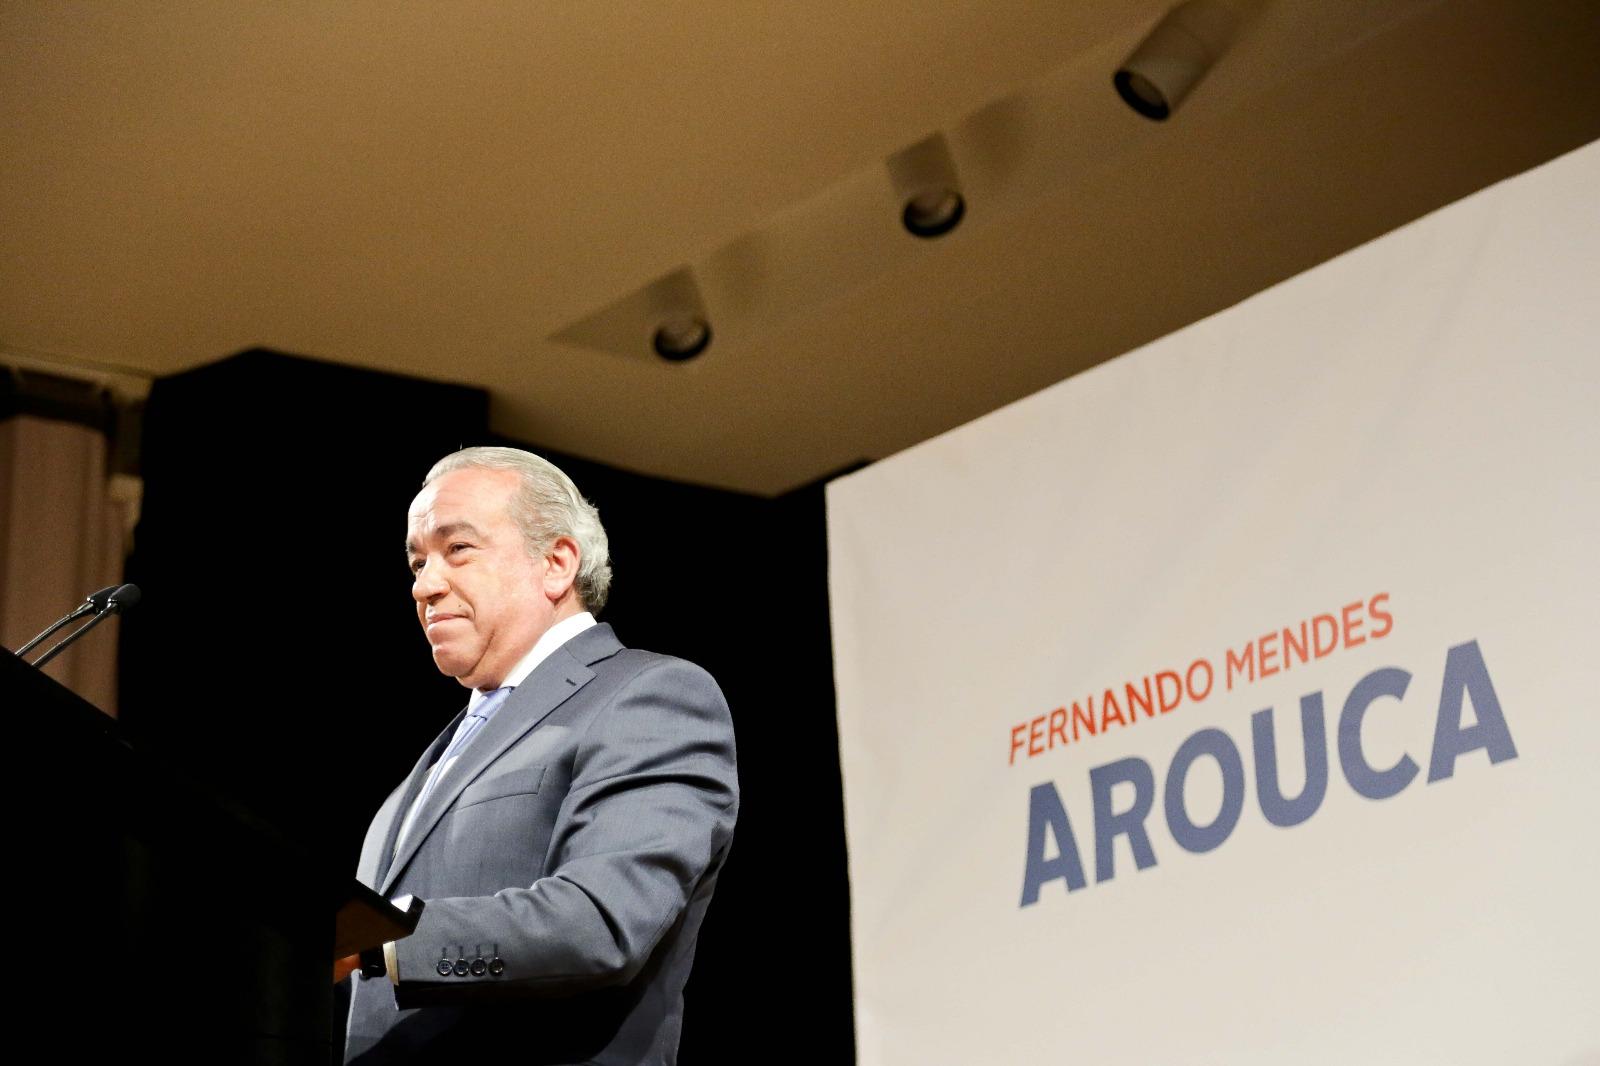 Fernando Mendes ganha força coligando-se com CDS-PP